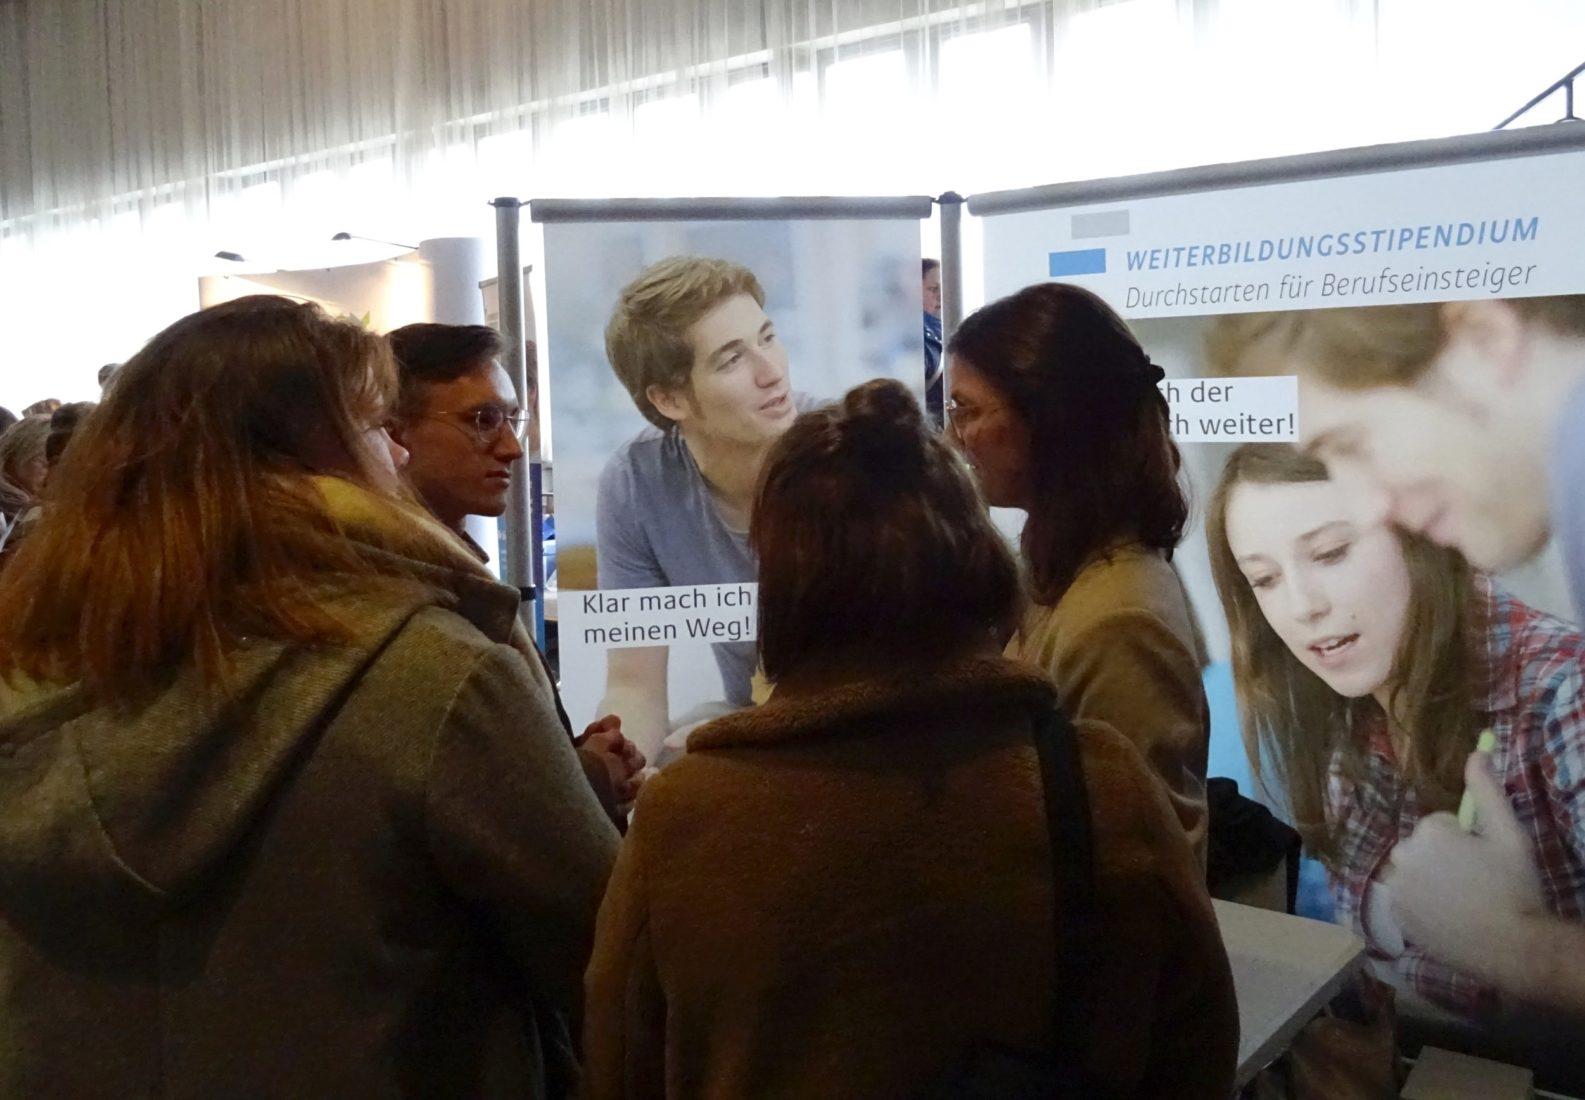 """Infostand zum Weiterbildungsstipendium beim """"Junge Pflege Kongress"""" in Erfurt. Foto: SBB"""